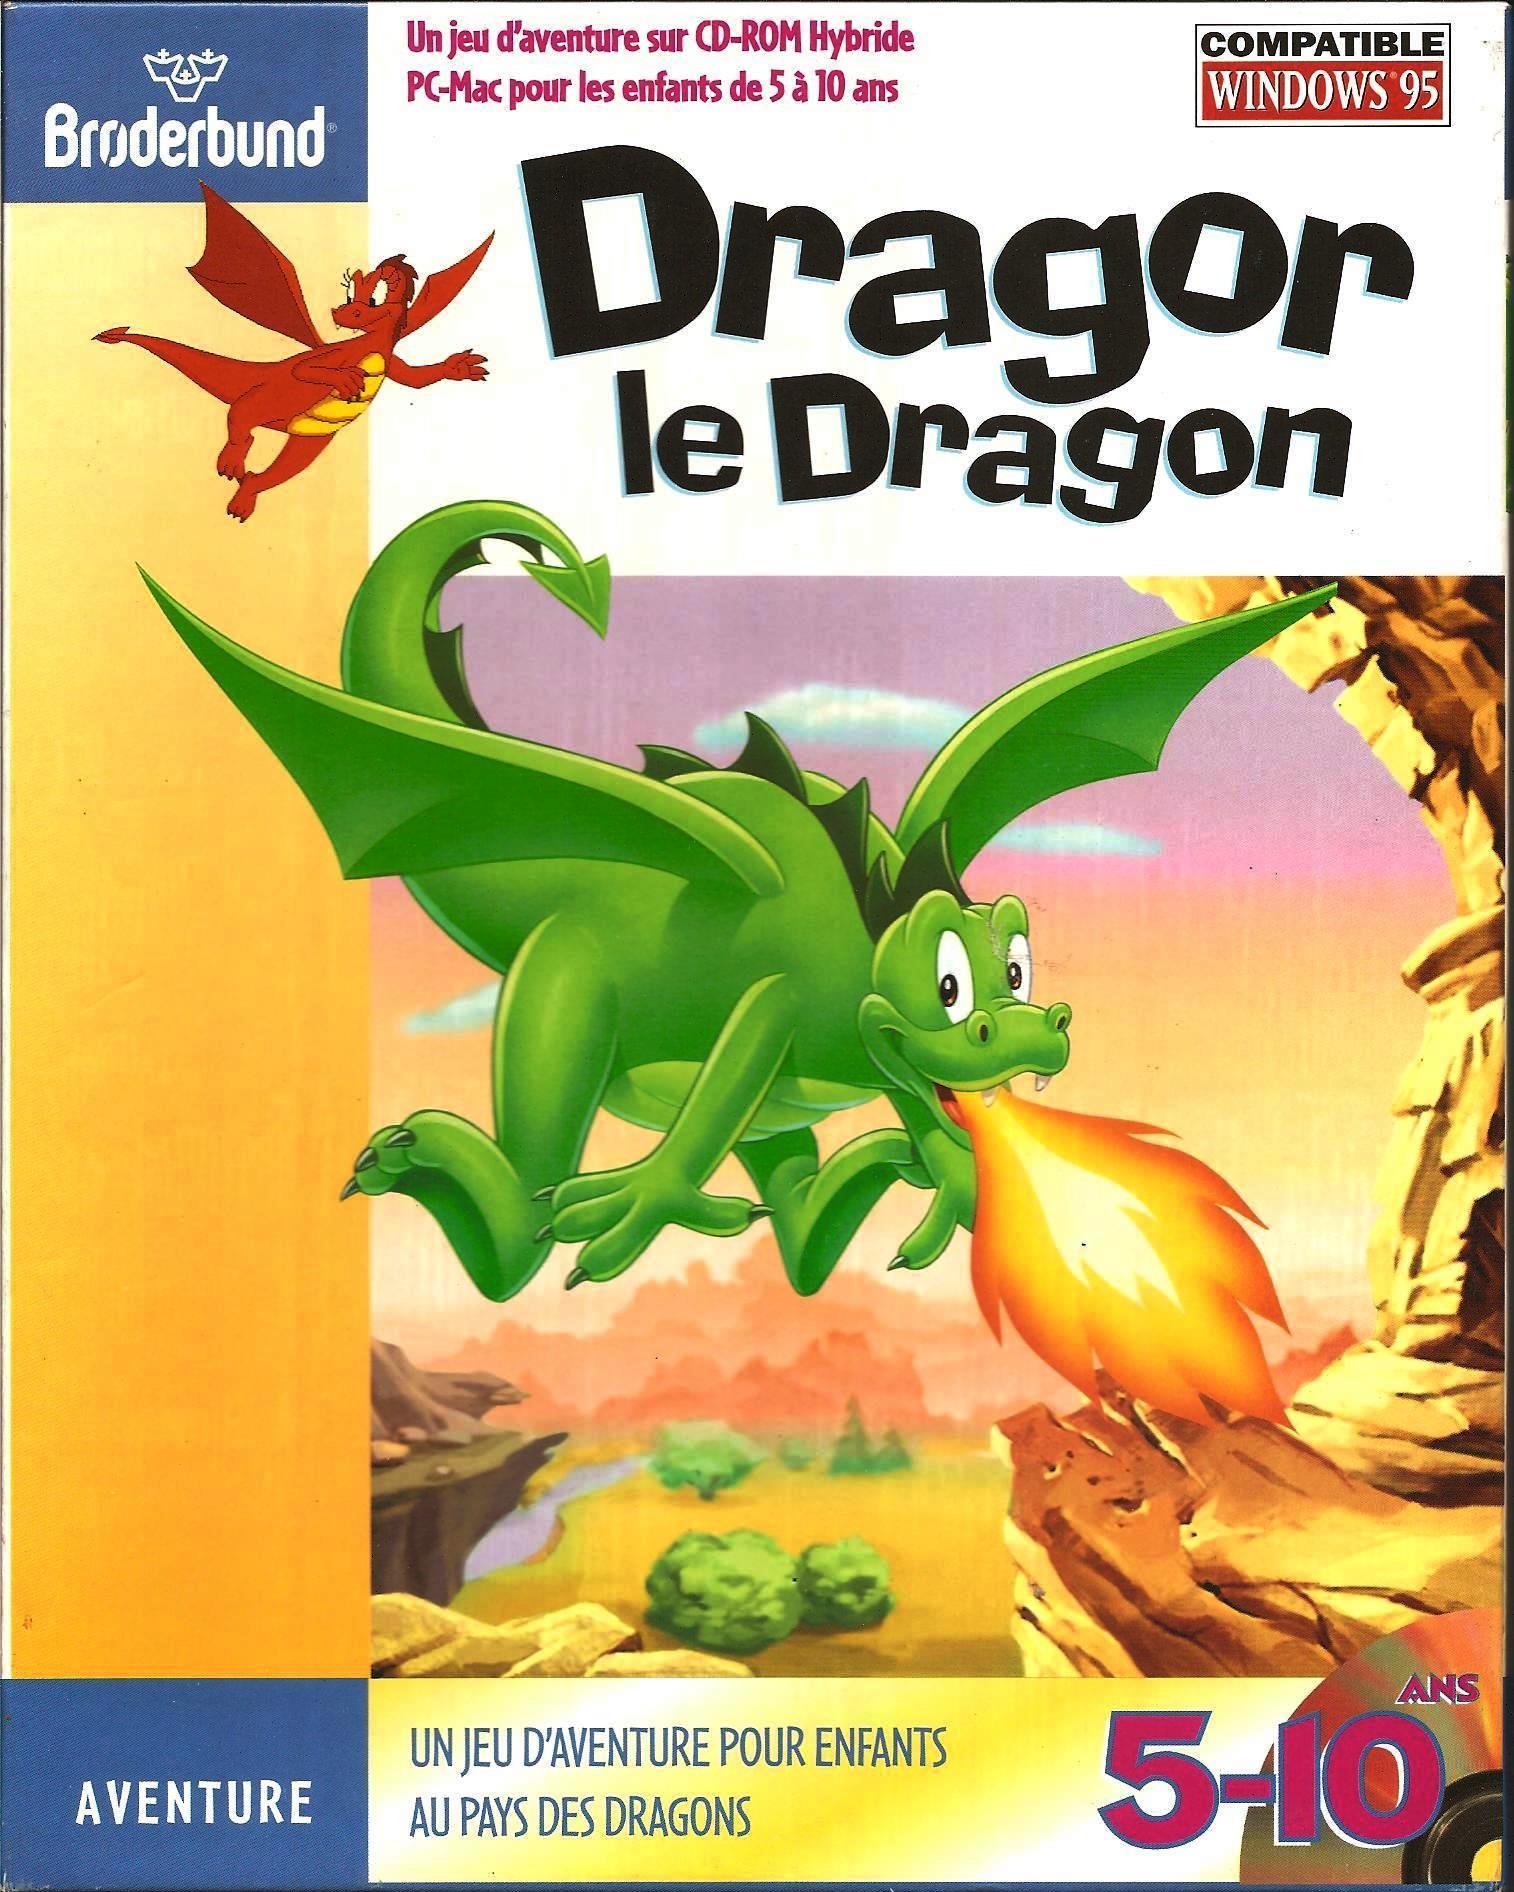 Dragor Le Dragon - Planète Aventure tout Jeux Ordinateur Enfant